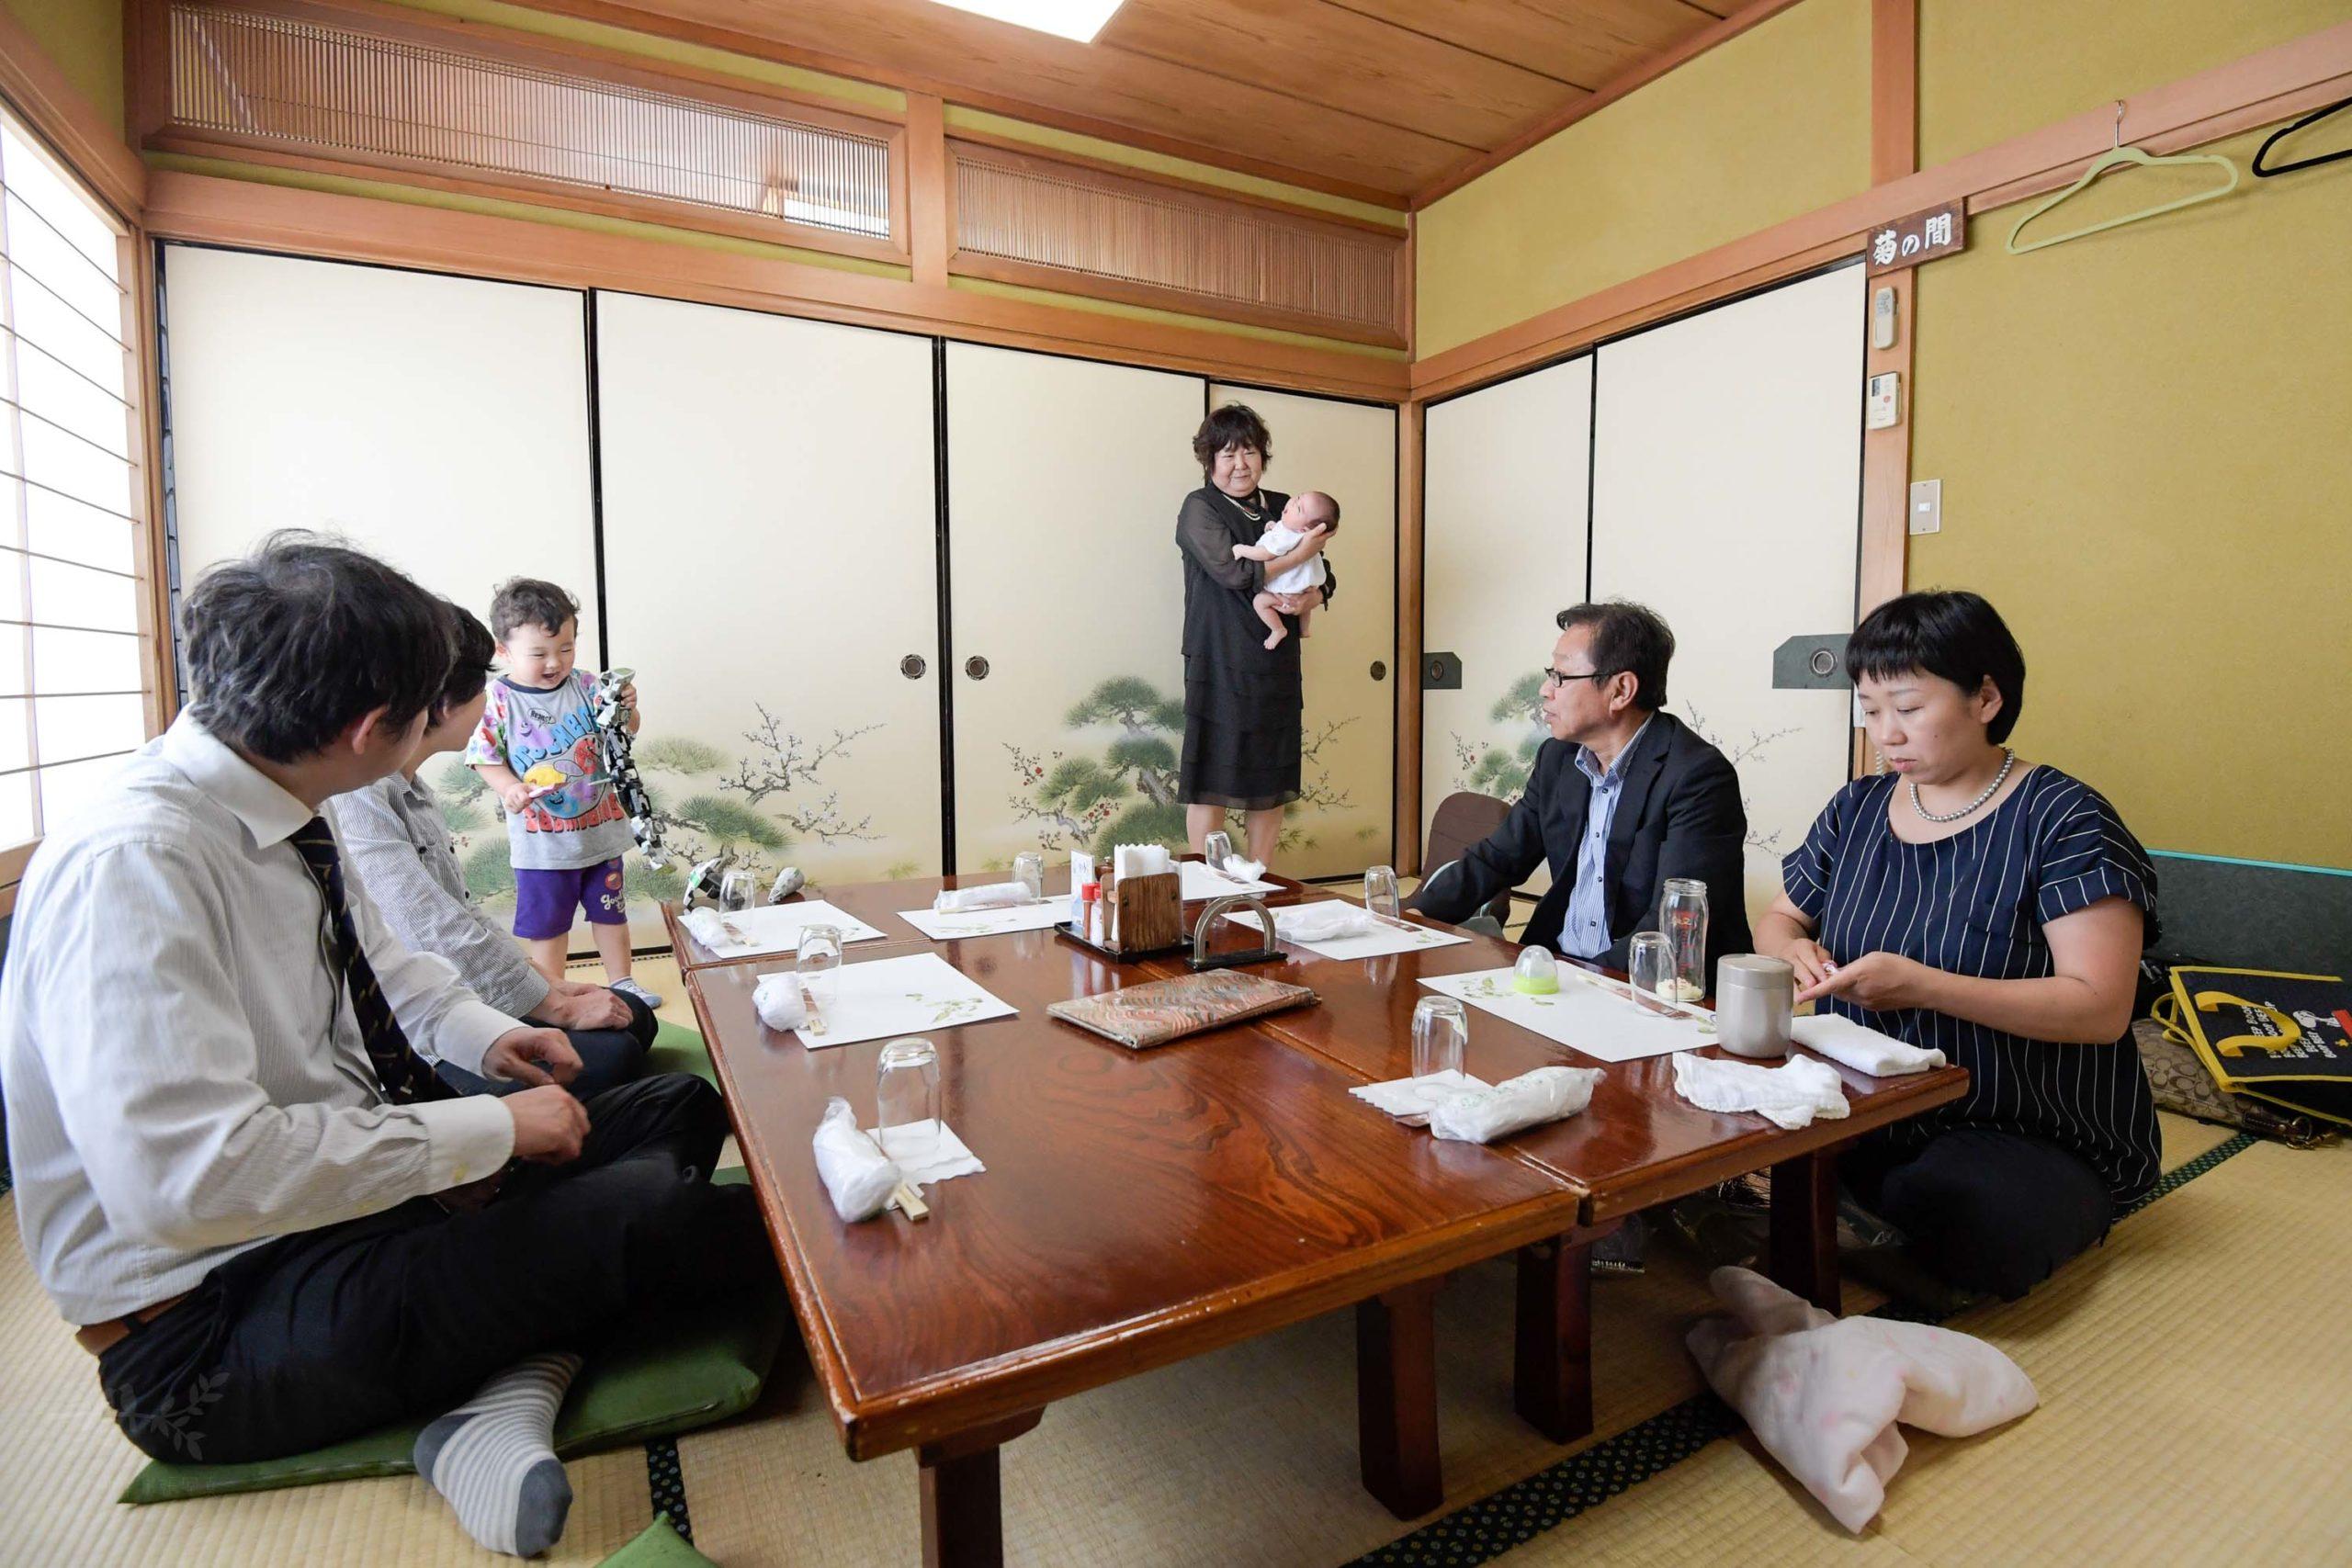 和室の個室で赤ちゃんを含めた食事風景